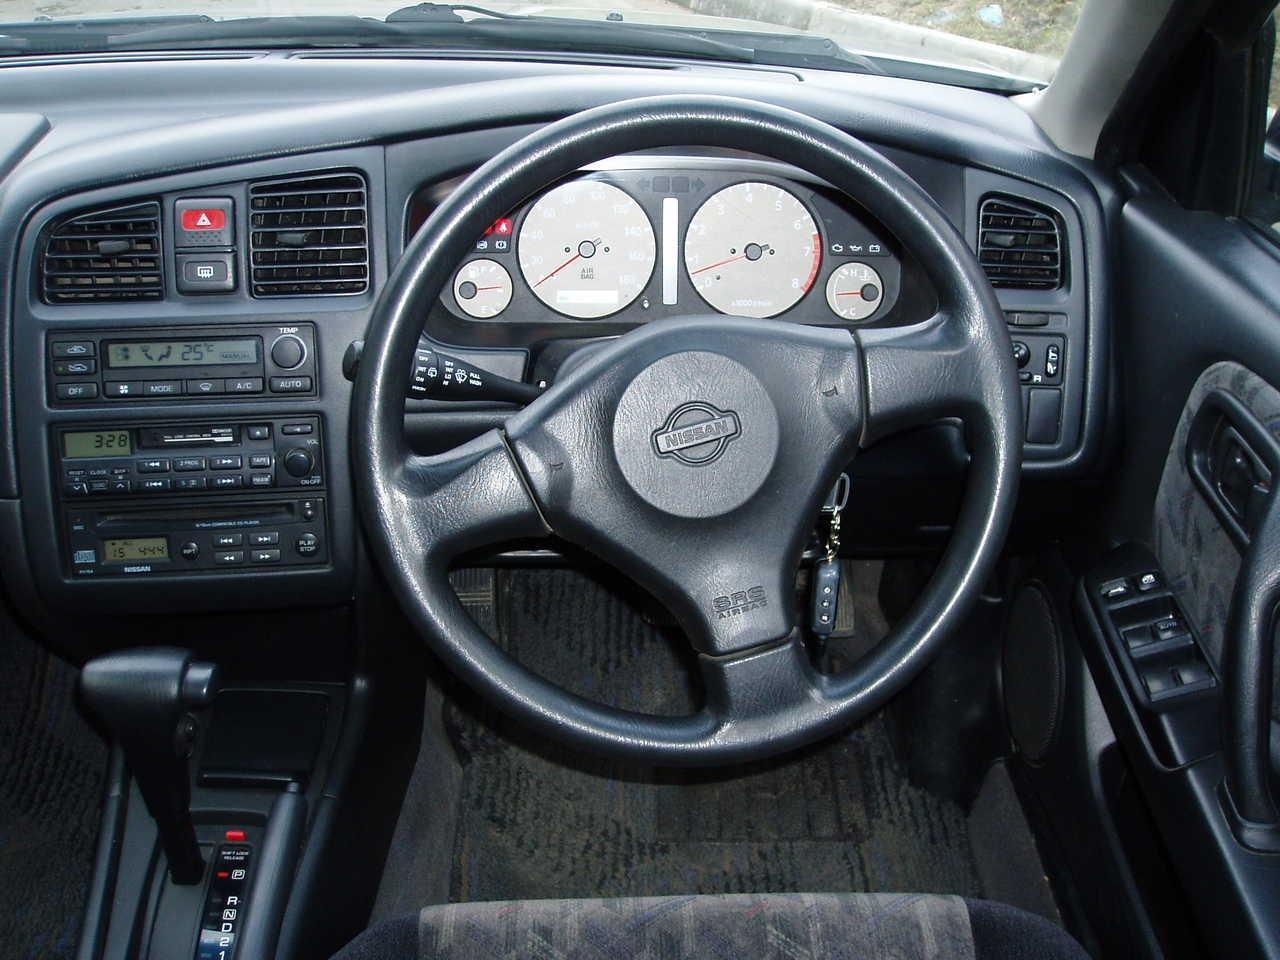 2000 Nissan Primera Camino Wagon For Sale 18 Gasoline Ff 1992 Infiniti G20 Problems